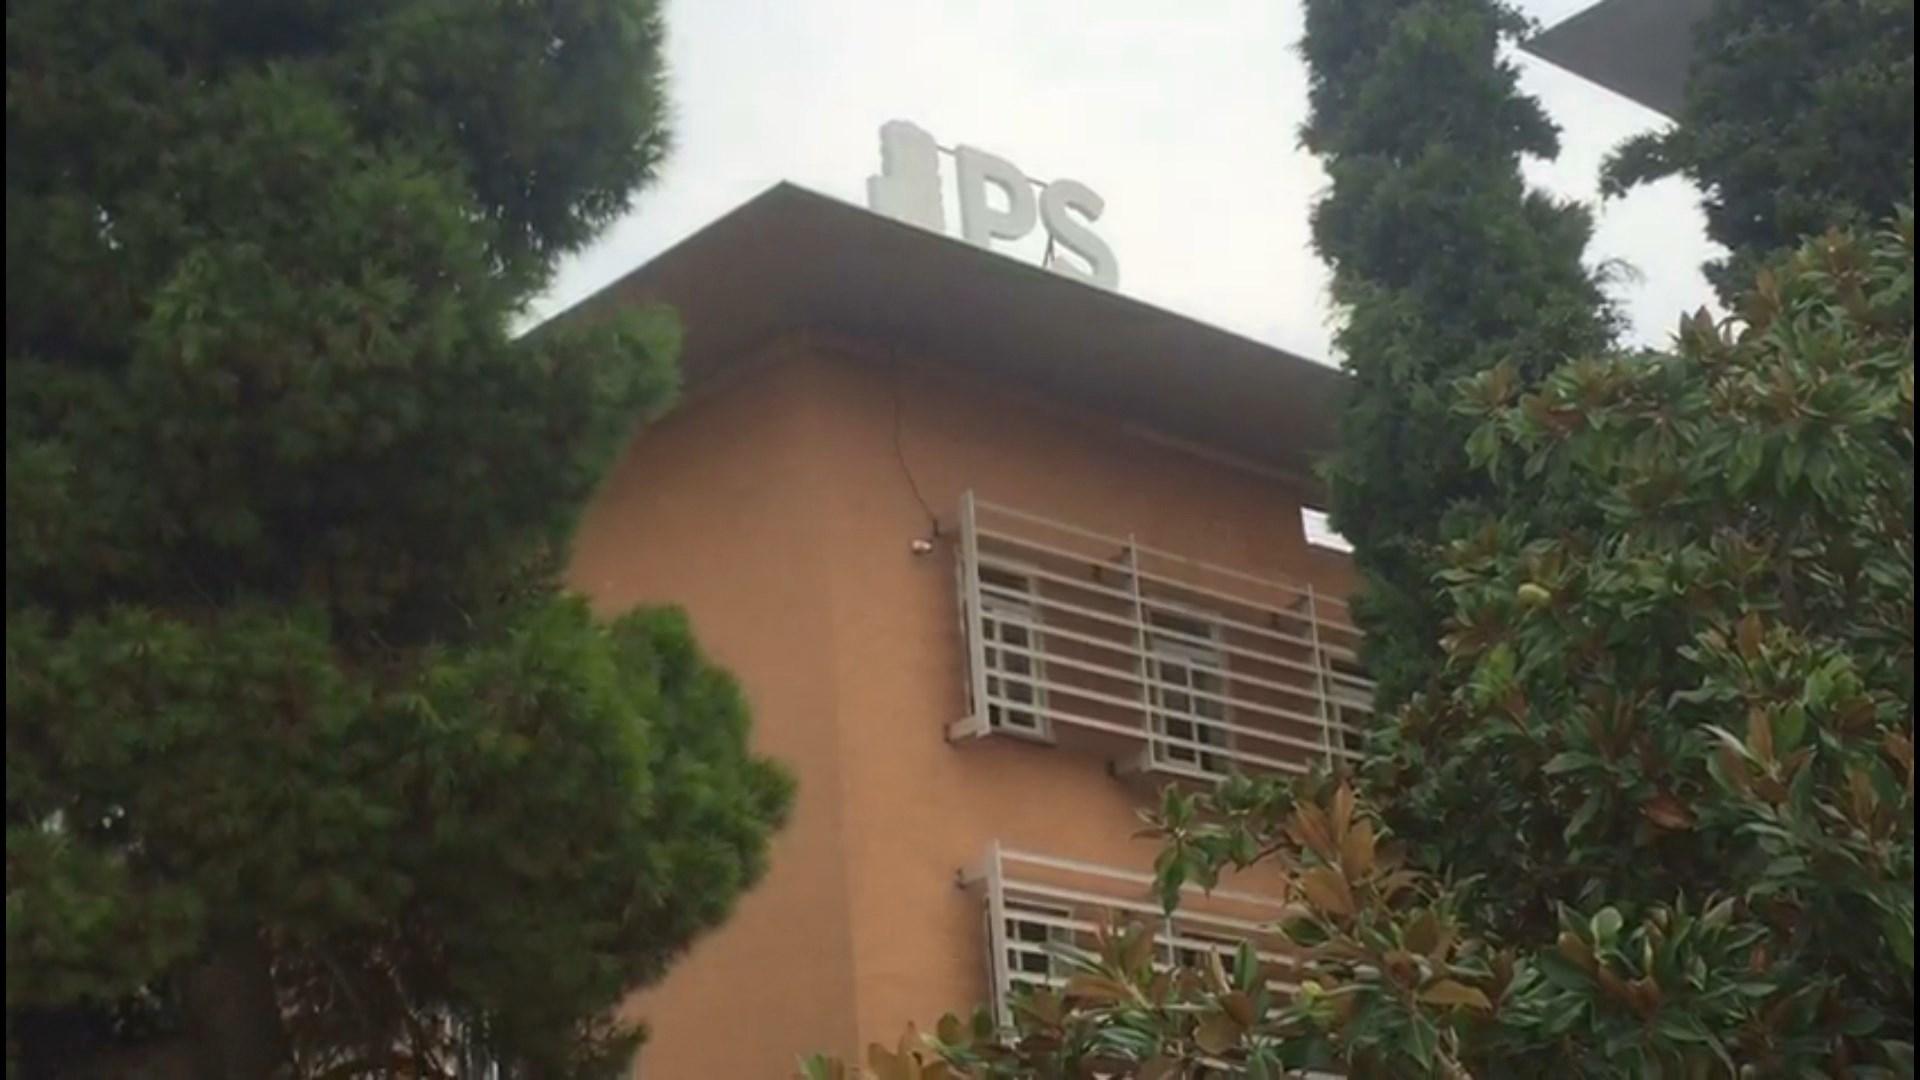 Emërimet e fundit në Bashki përçajnë socialistët e Durrësit, debate dhe përplasje fizike